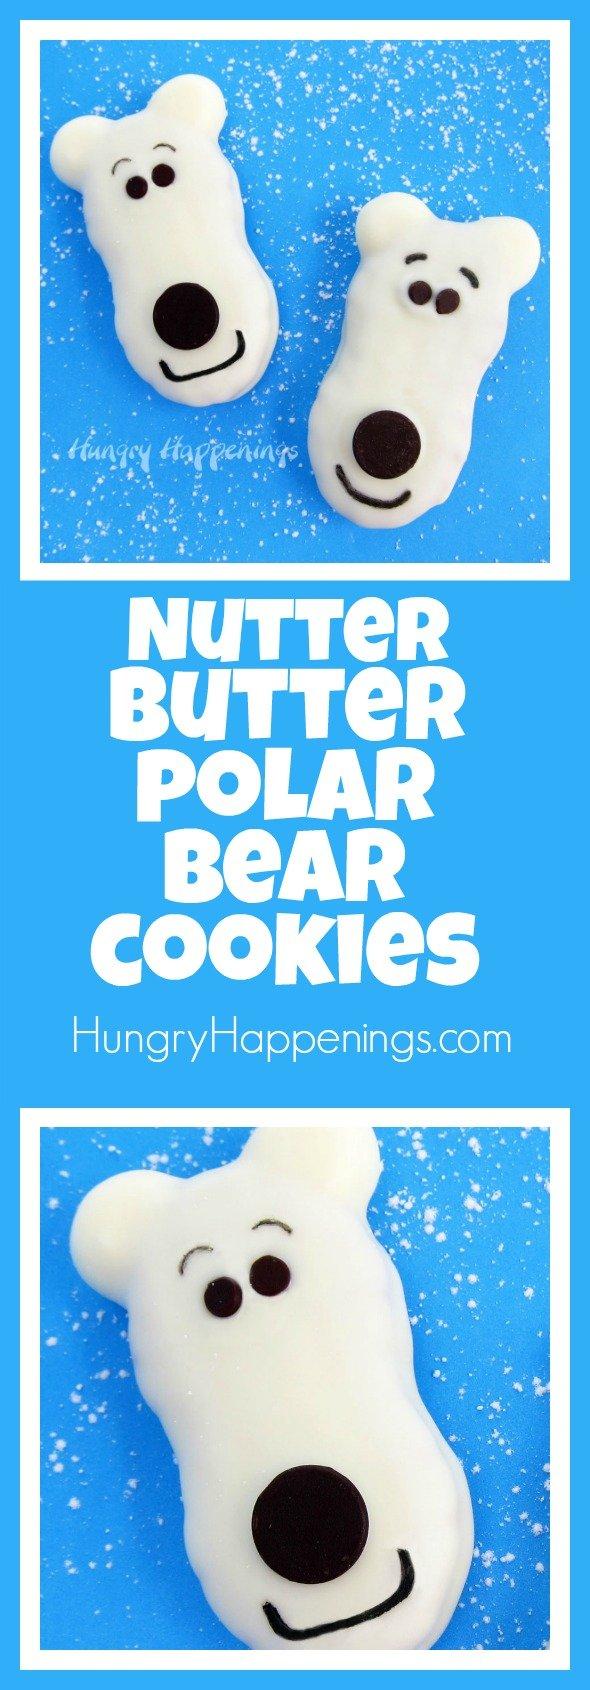 nutter-butter-polar-bear-cookies